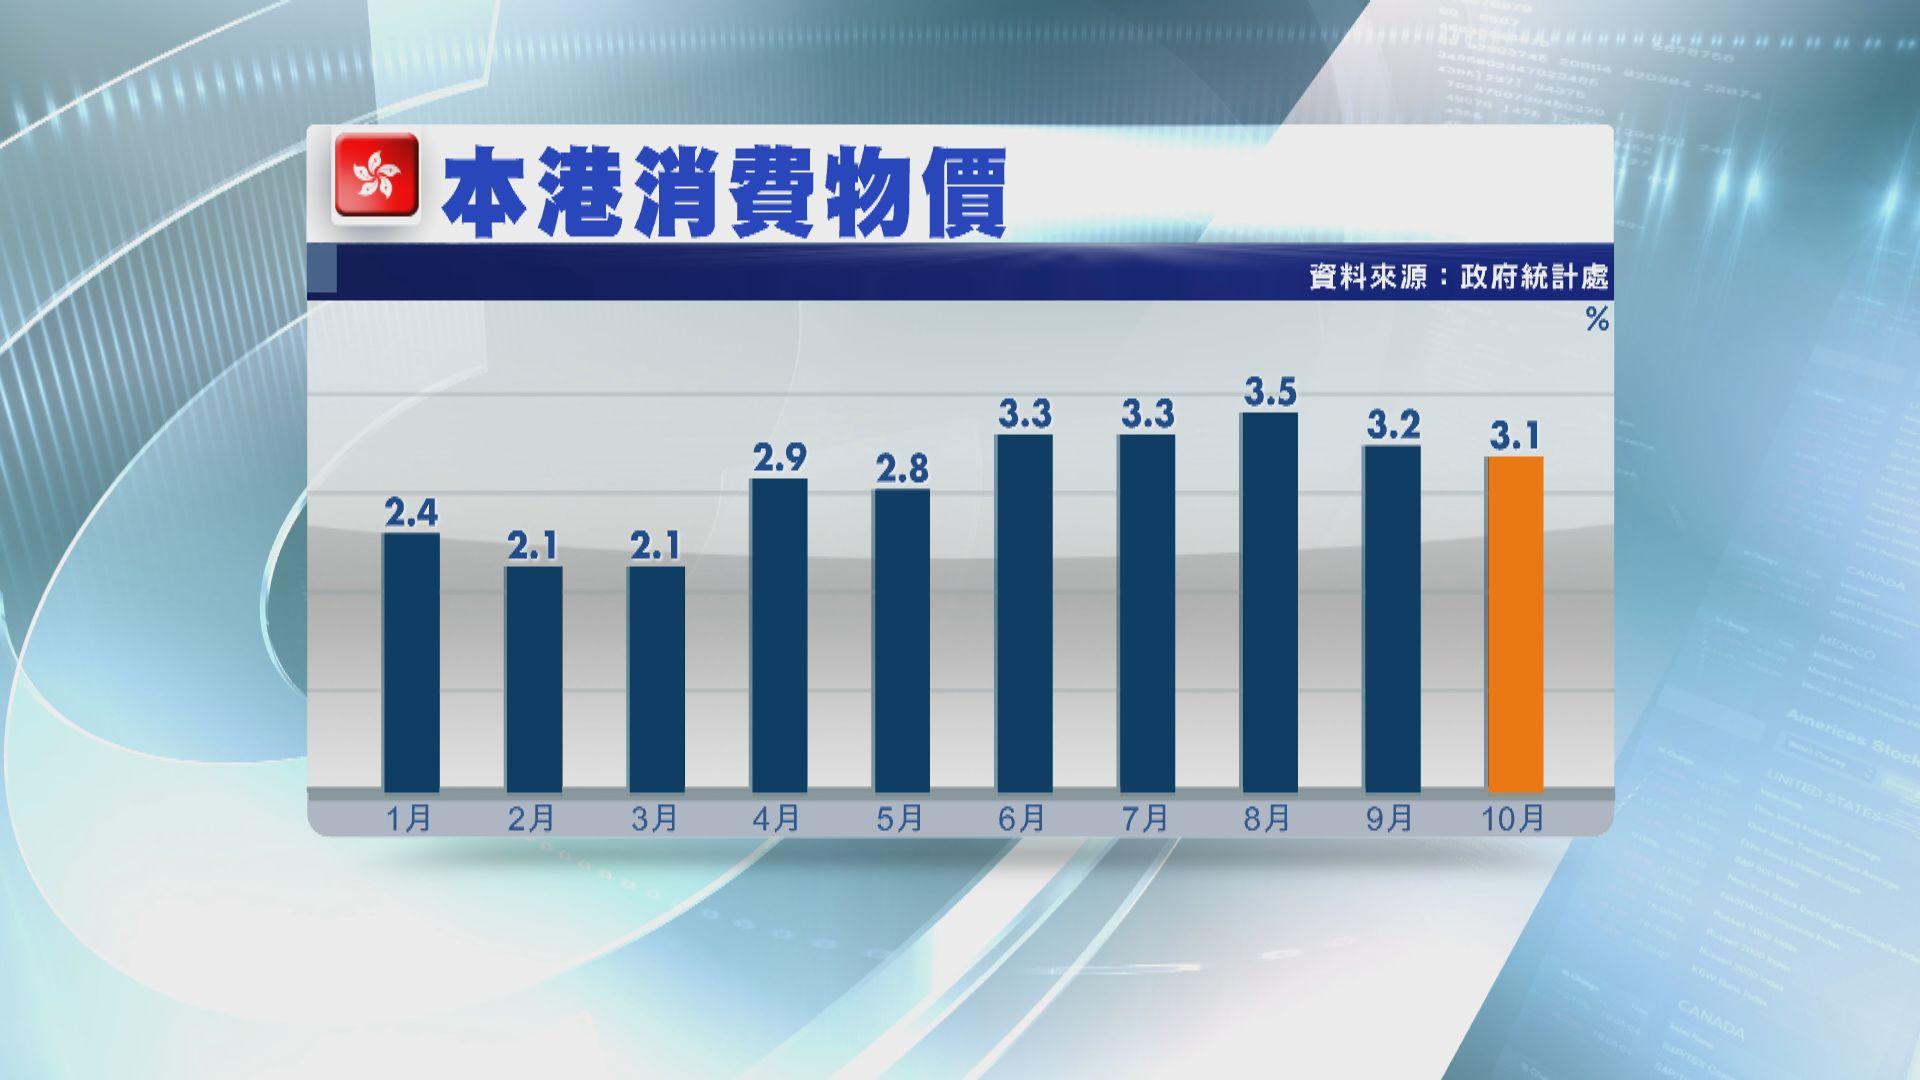 【通脹放緩】本港10月消費物價按年升3.1%